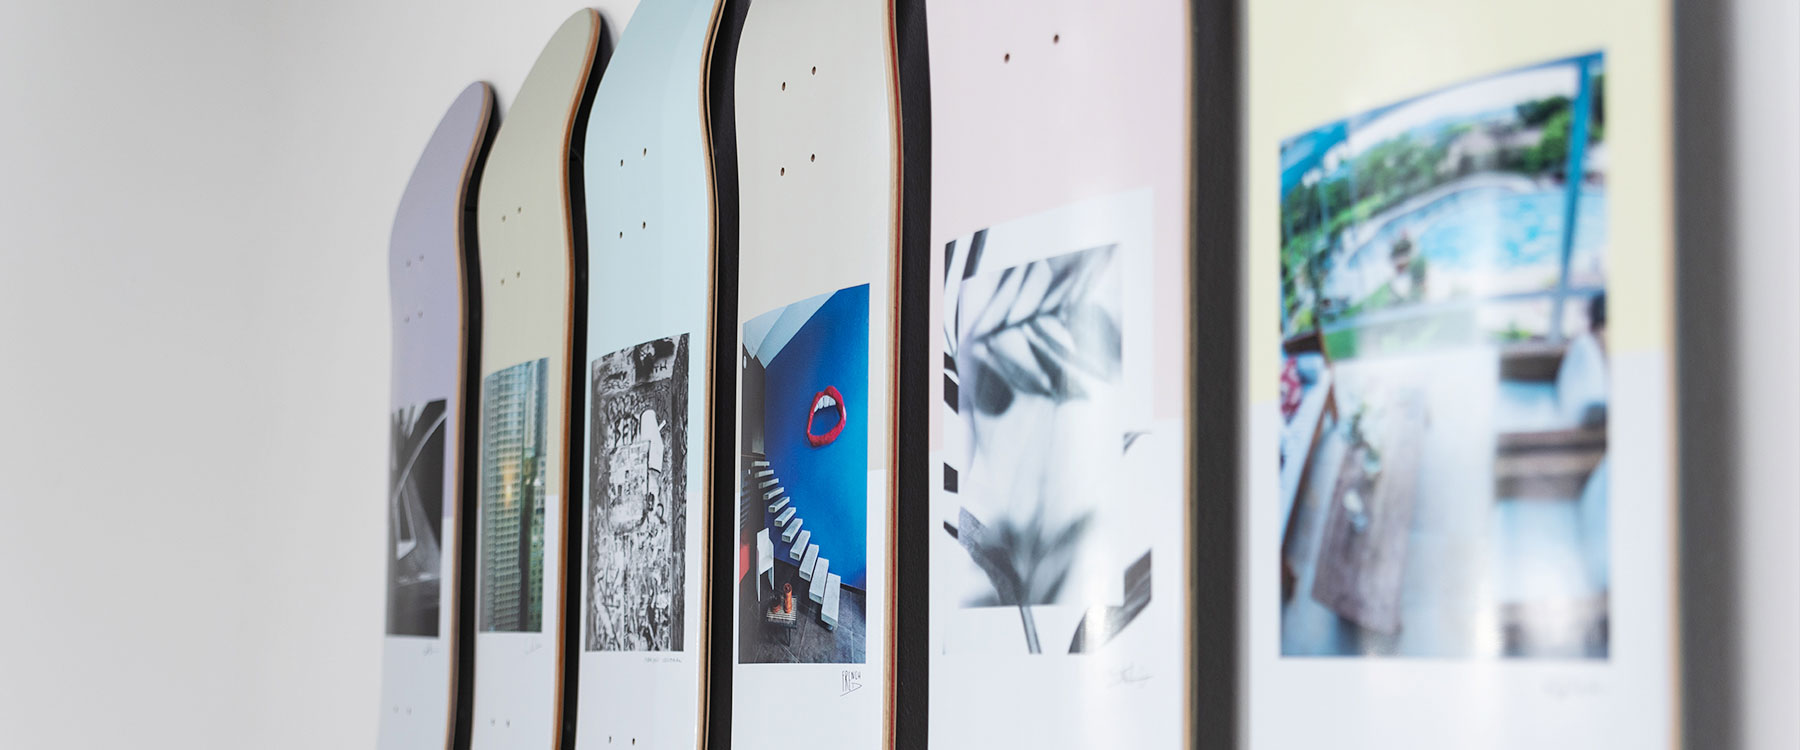 3e354cd701b81f Acheter Skateboards sur le shop en ligne Titus | Titus